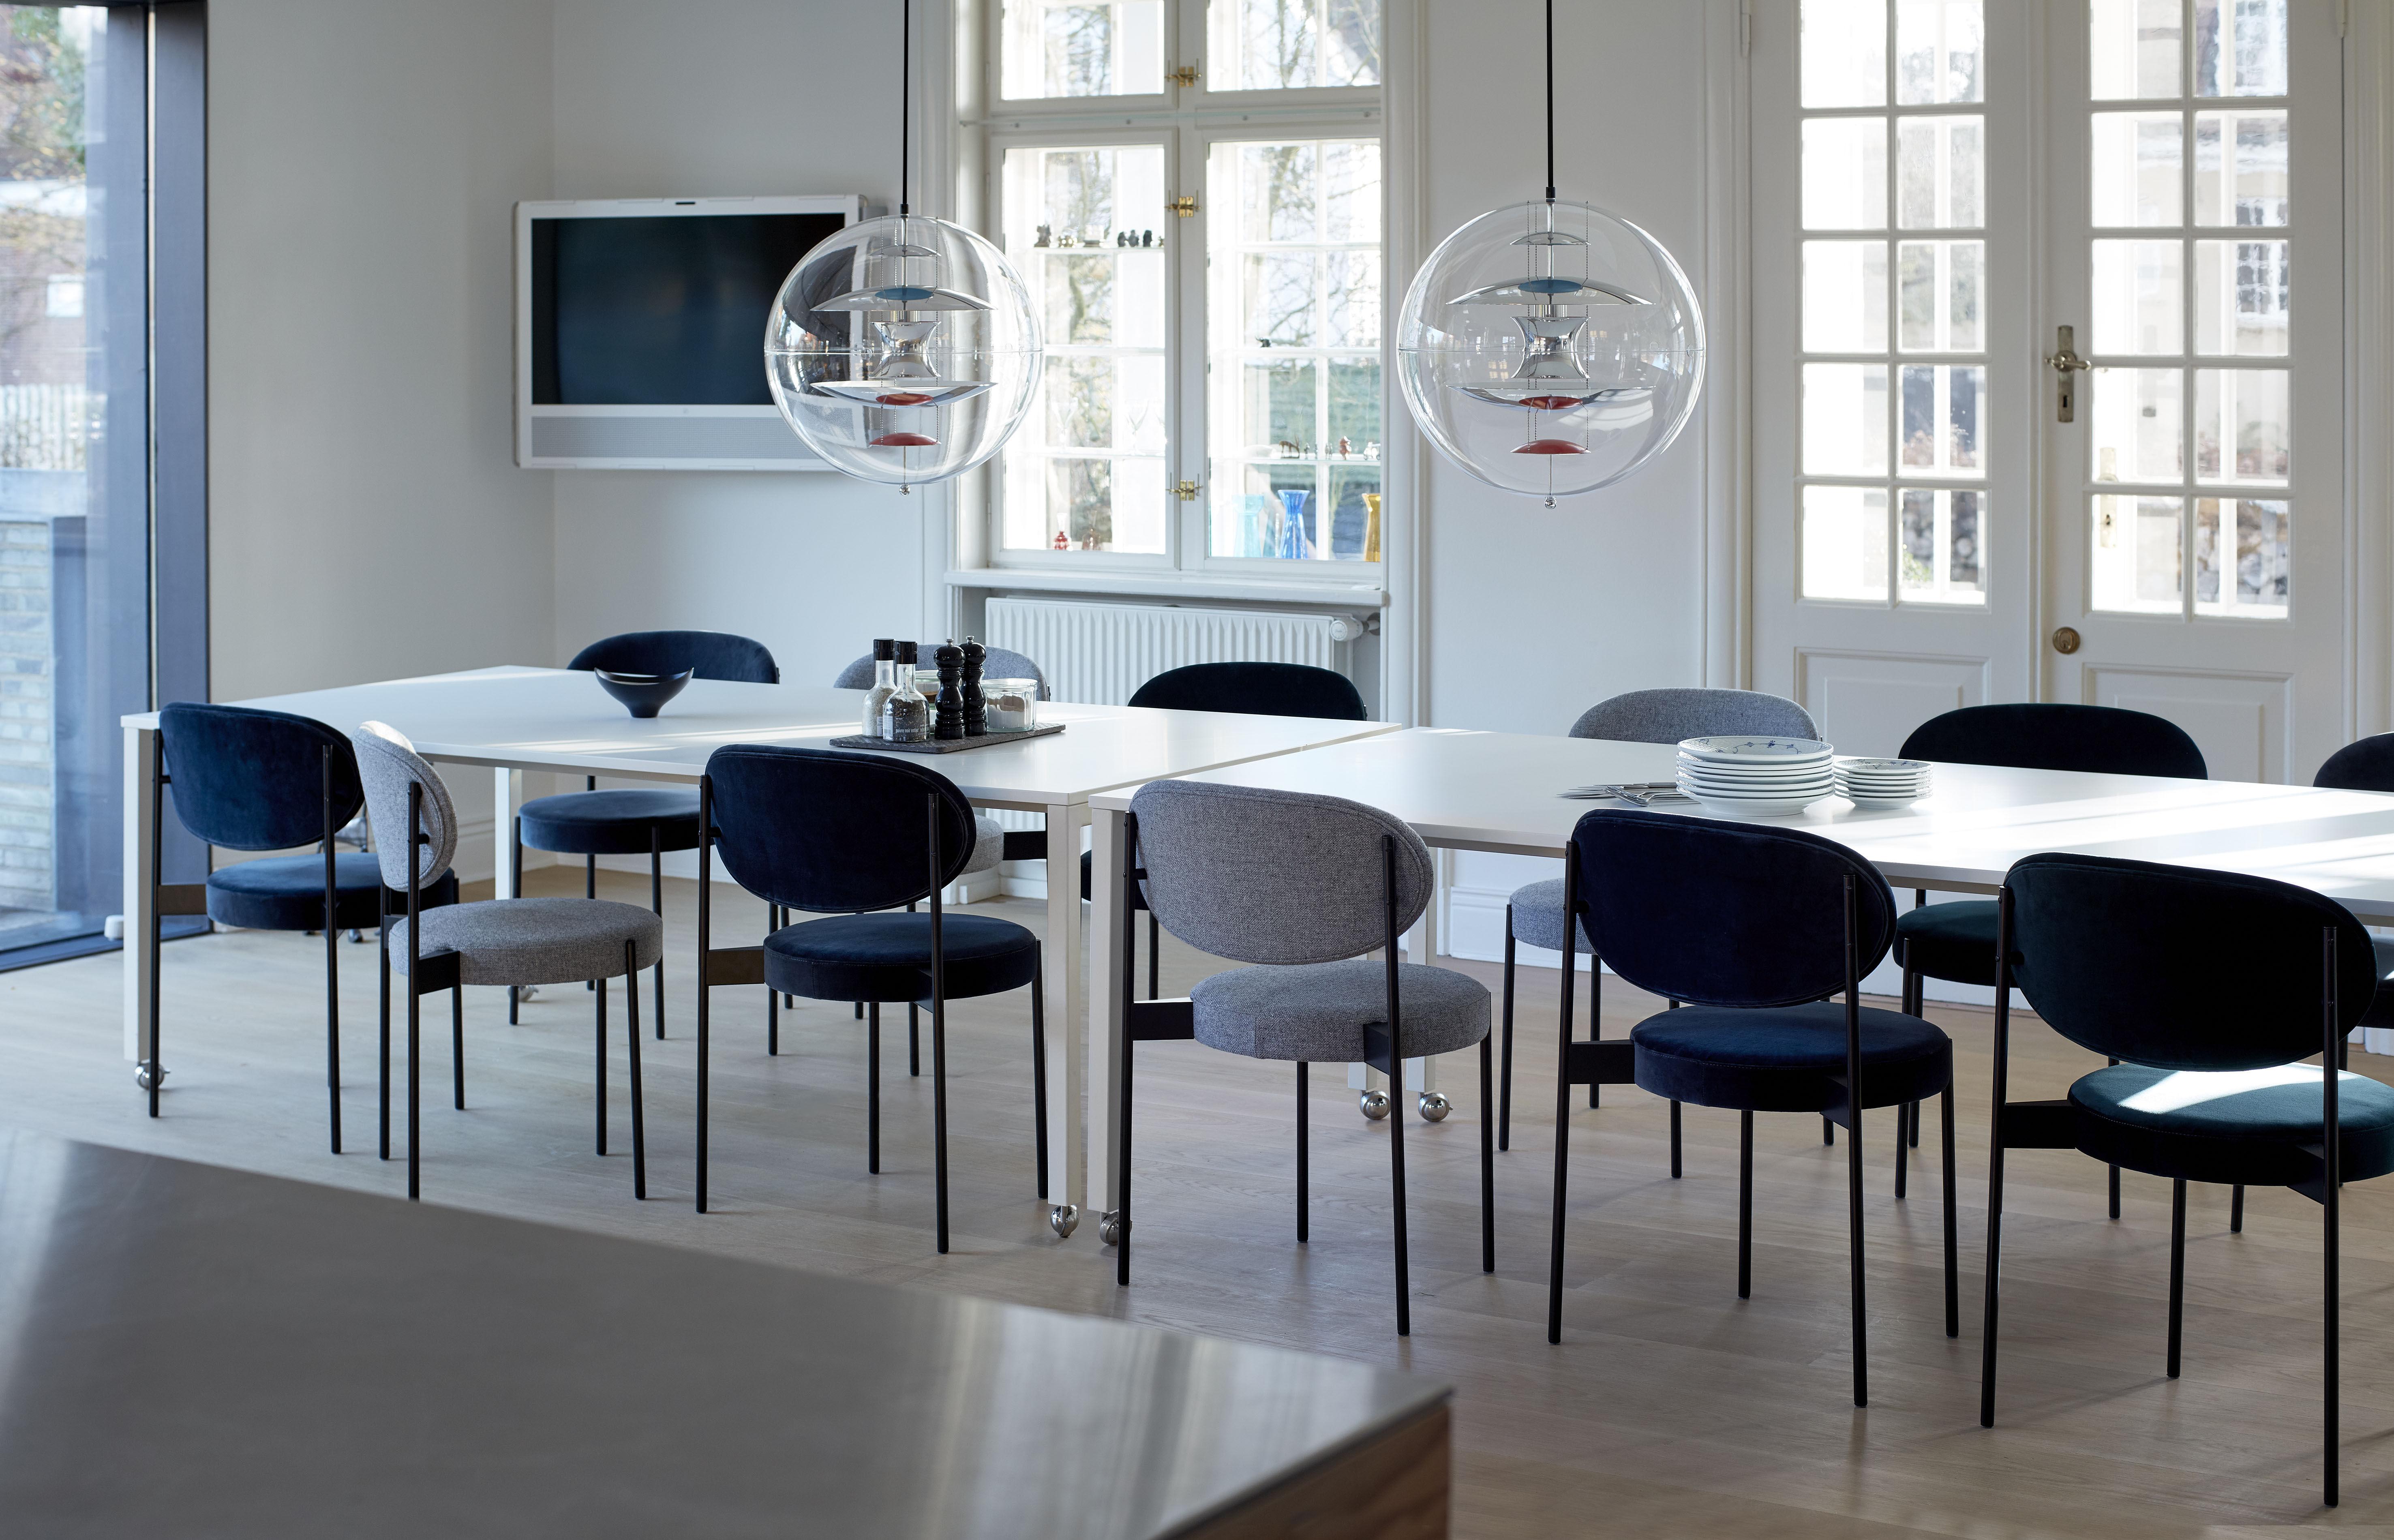 Sedia Imbottita Design : Series 430 sedia imbottita impilabile tessuto & metallo grigio